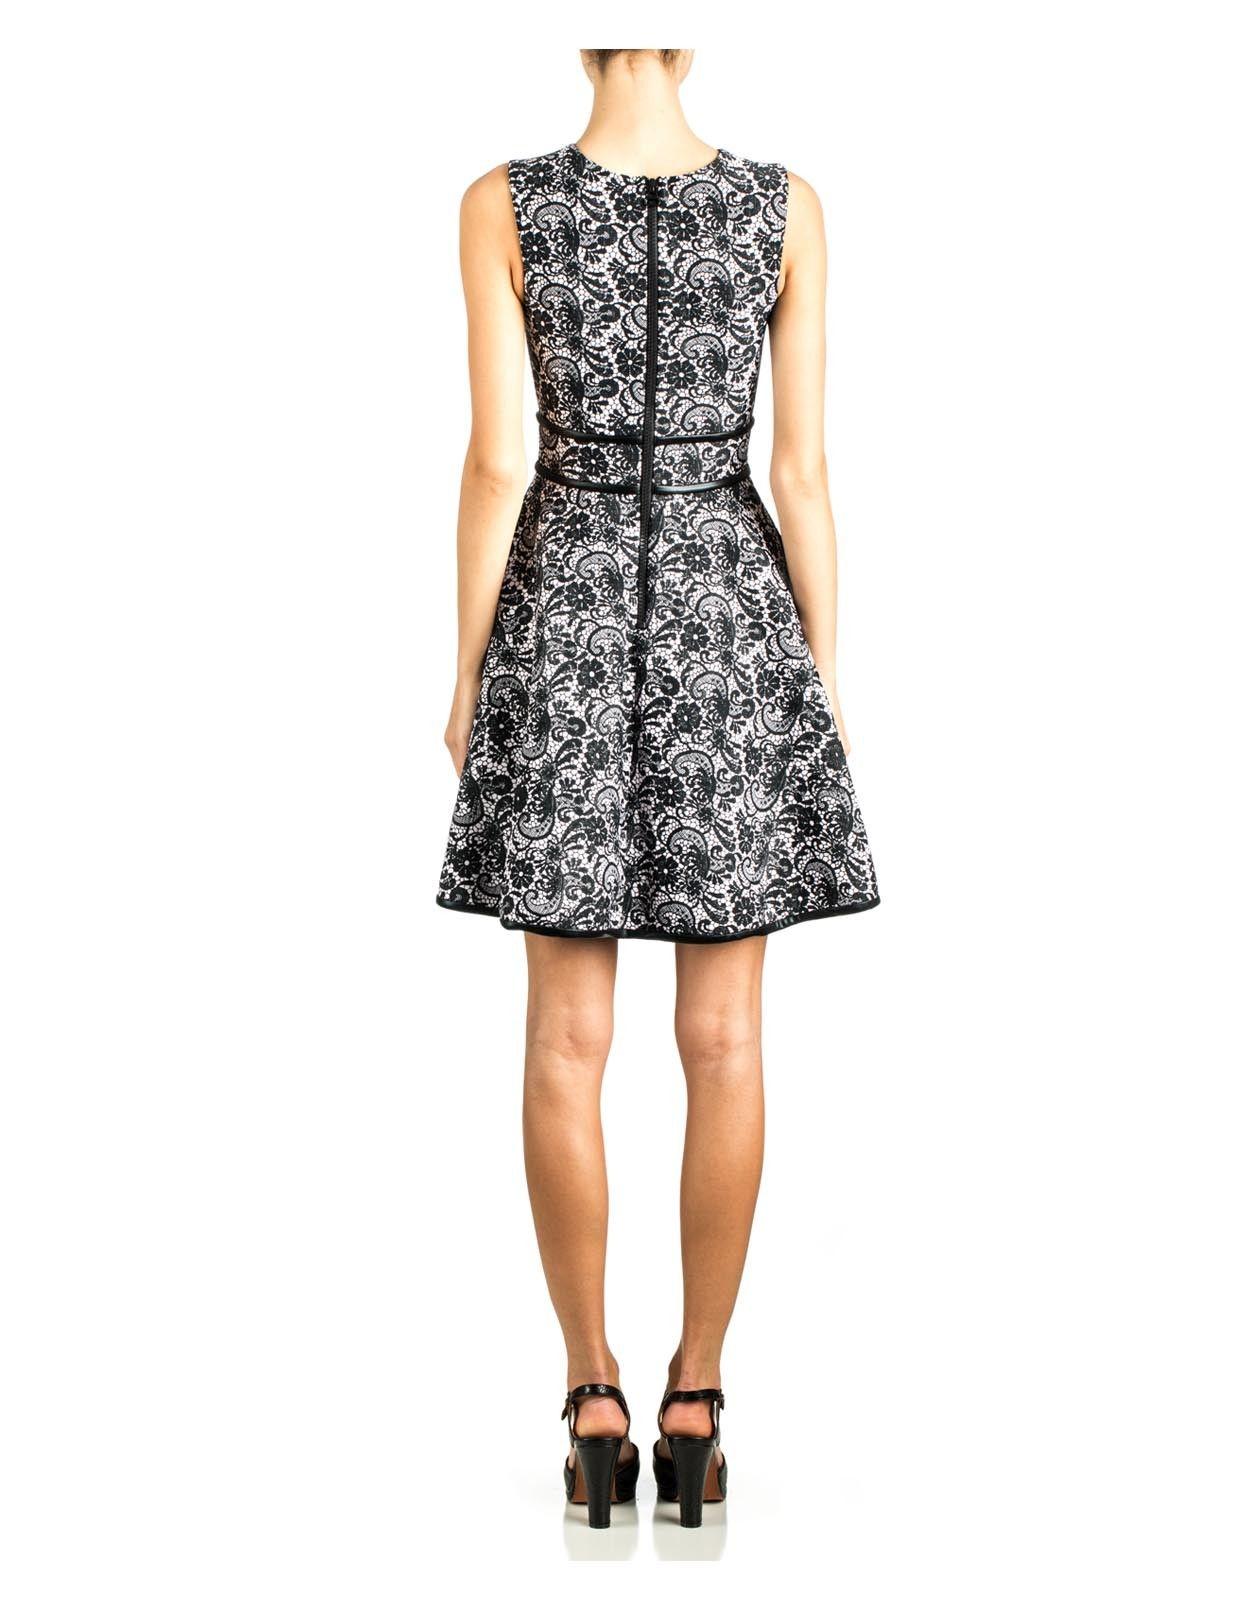 Dress by Cynthia Rowley